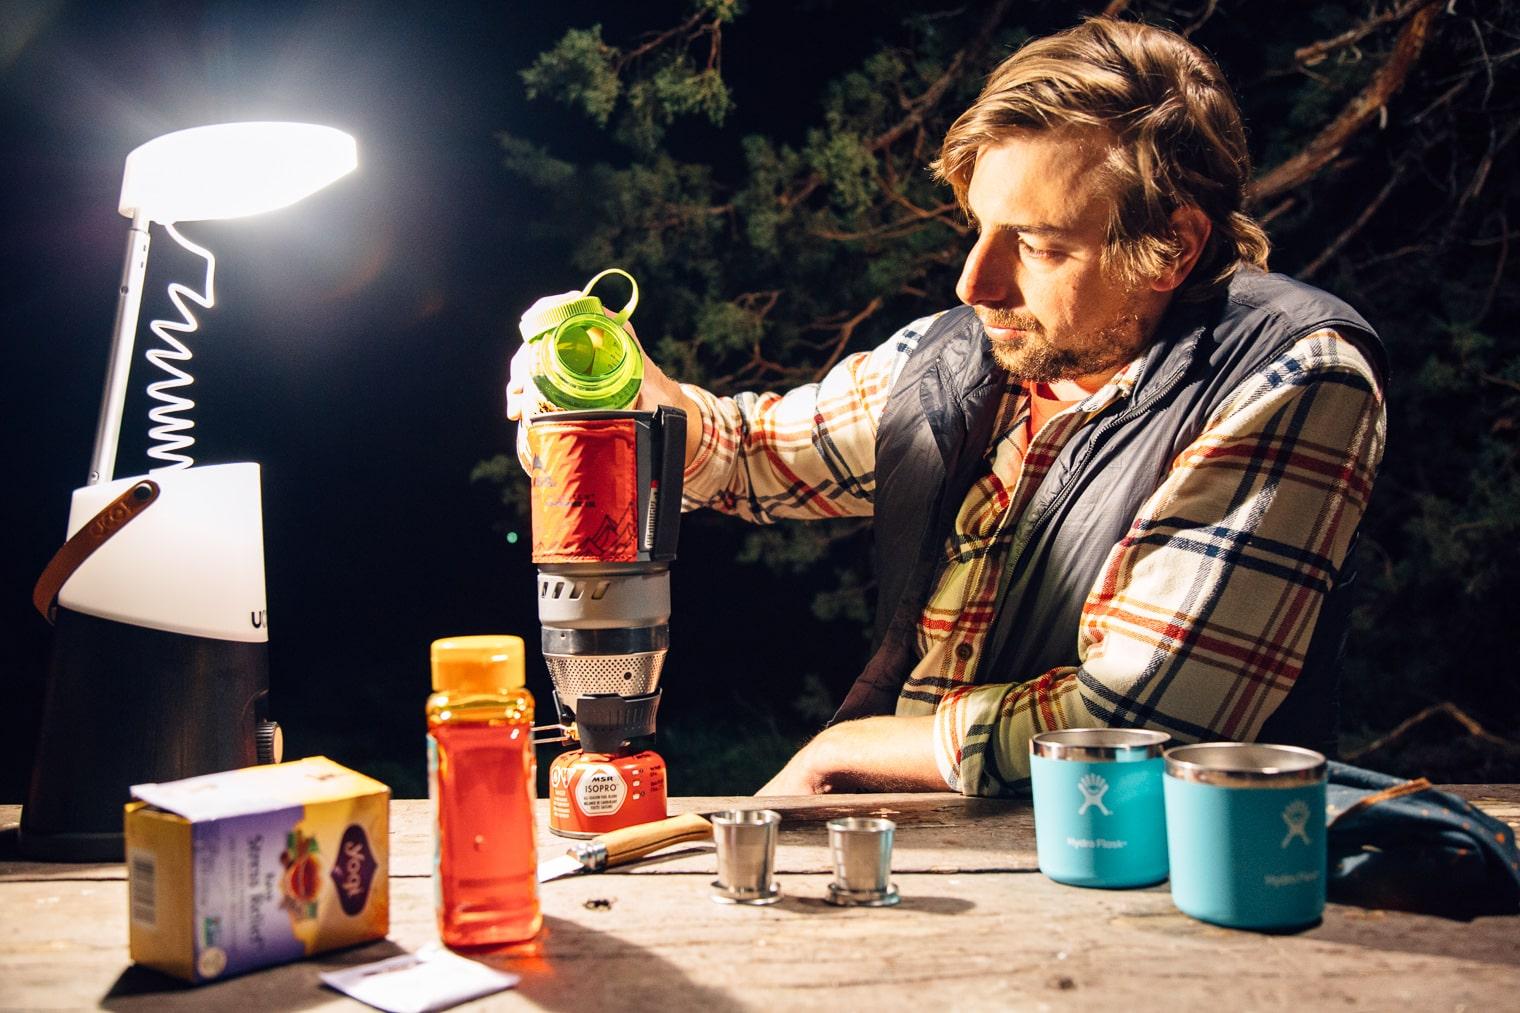 UCO LED Lanterns: Sitka+